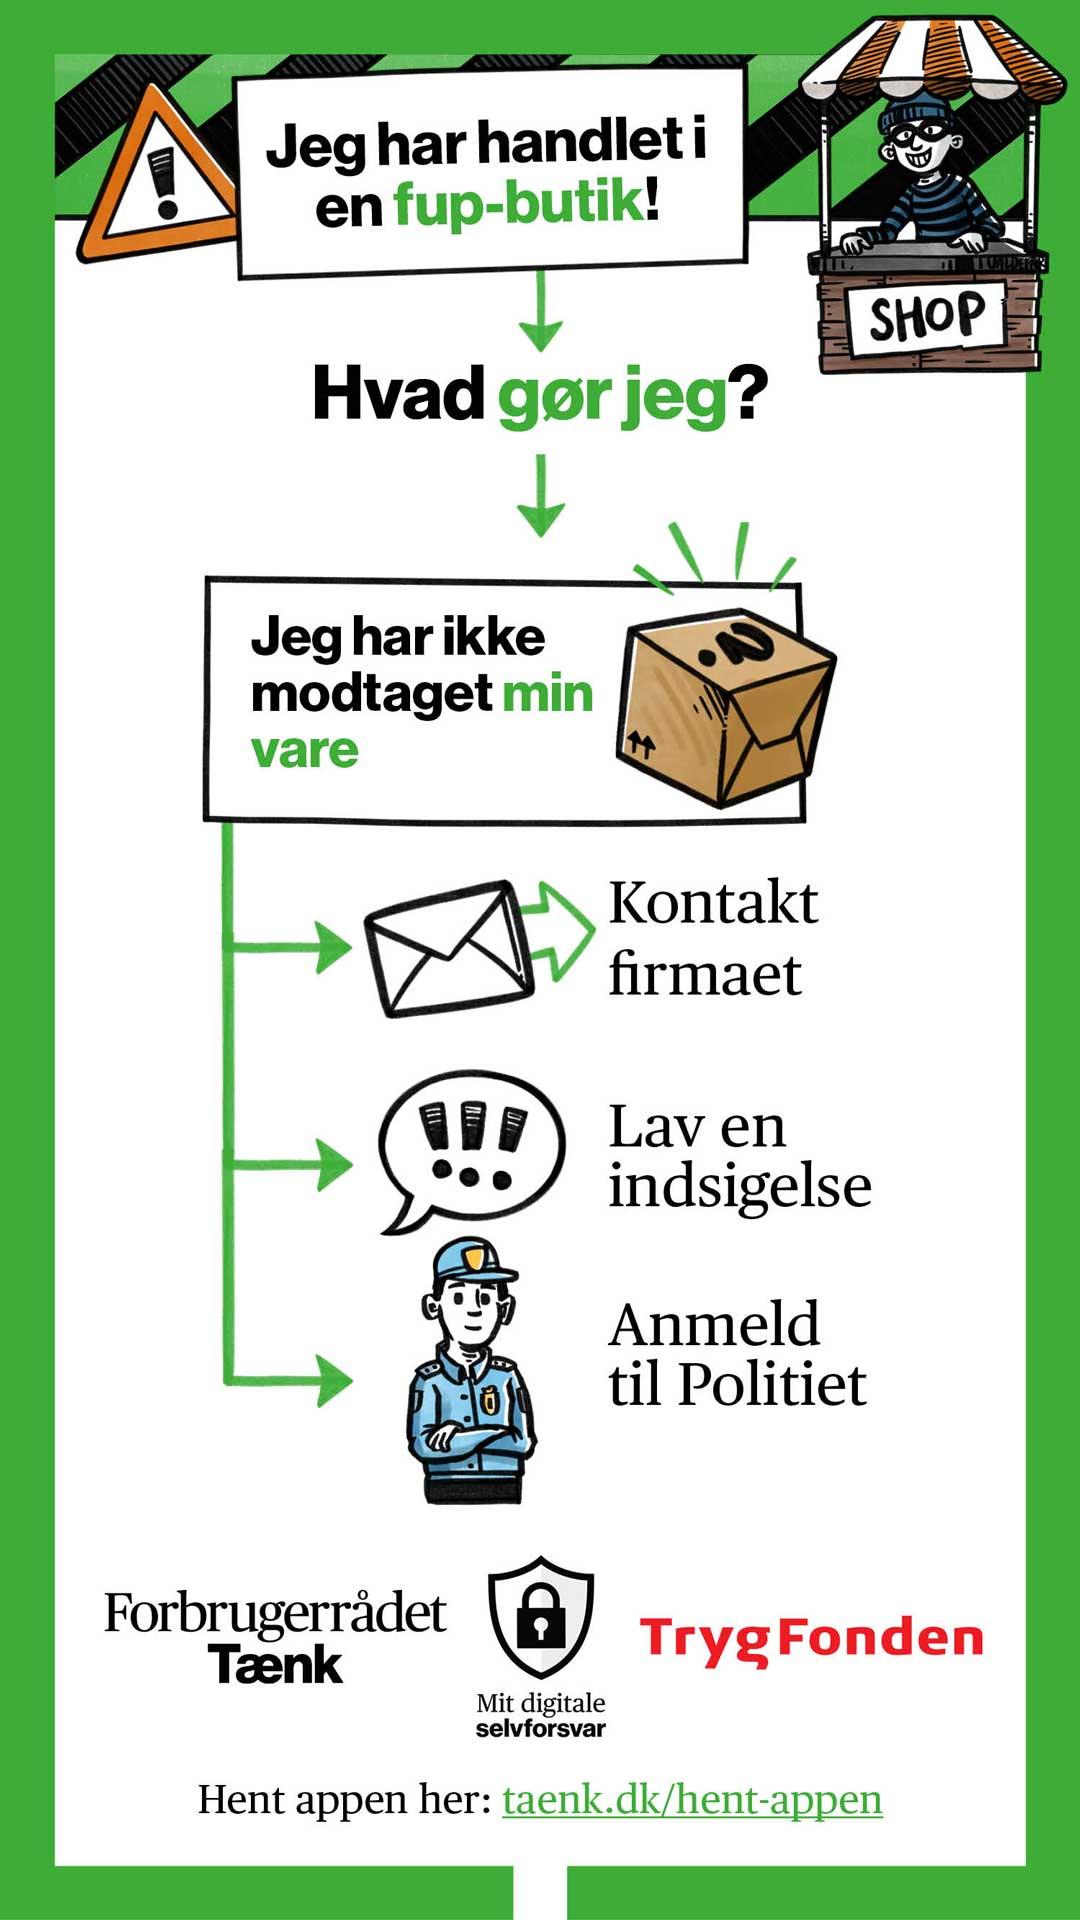 Infografik for forbrugerrådet TÆNK: Jeg har handlet i en fup-butik!